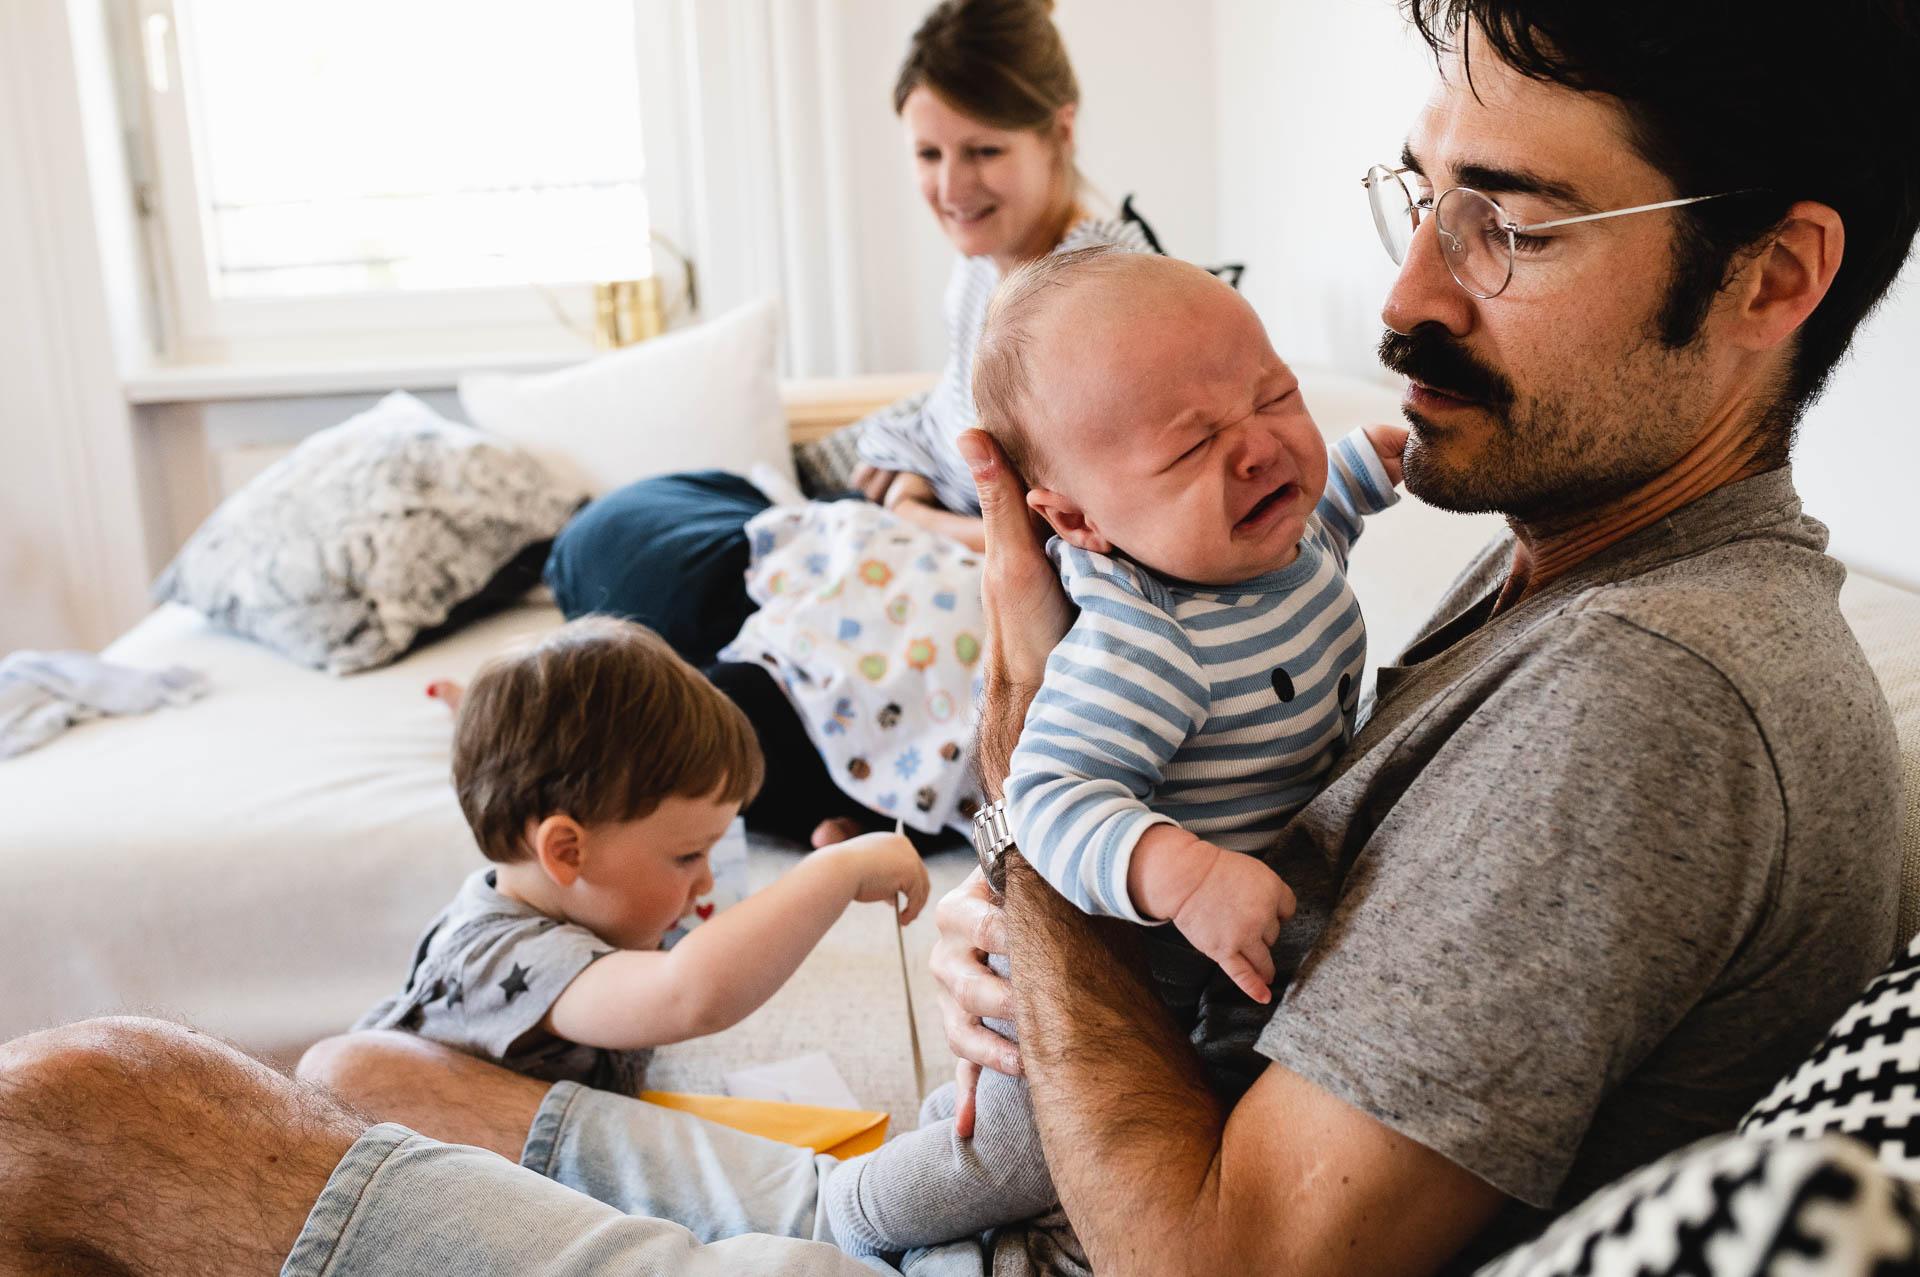 Vater sitzt auf dem Sofa und hält sein Baby, das weint, grösserer Bruder spielt im Hintergrund und Mutter lacht